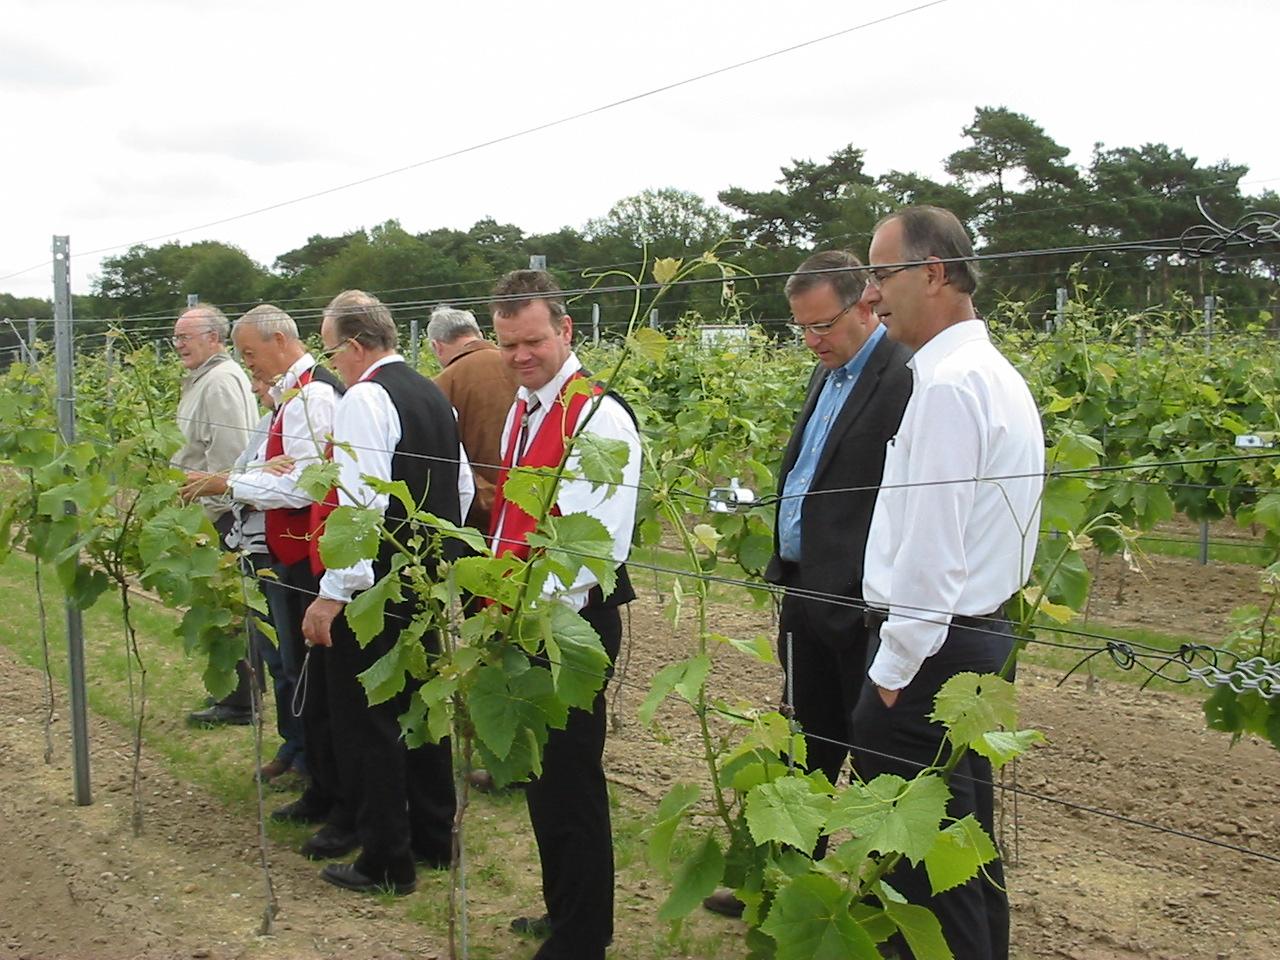 Opening van de wijngaard_foto9